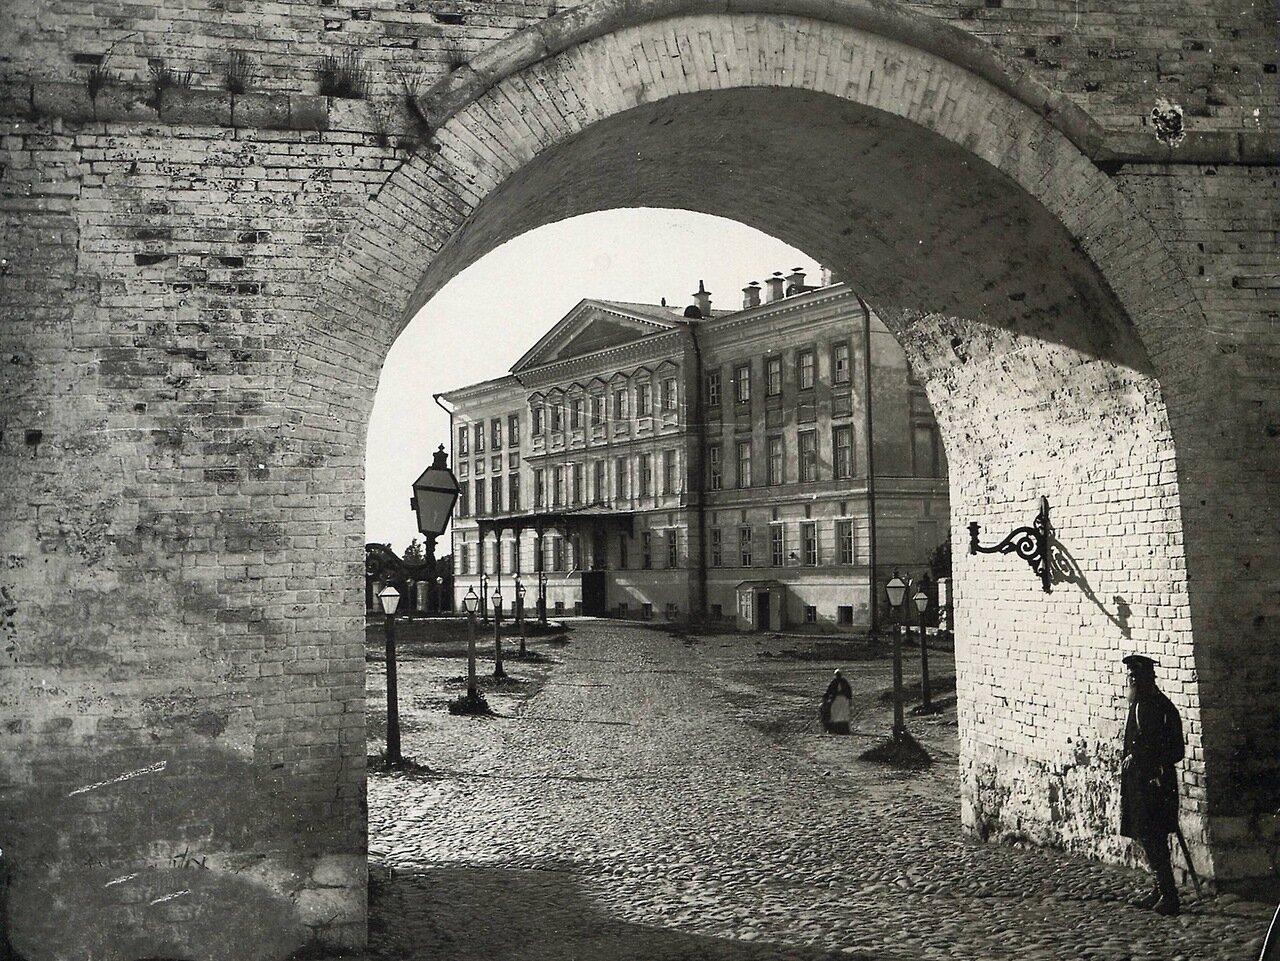 Дмитриев. Губернаторский дворец. 1890-е.